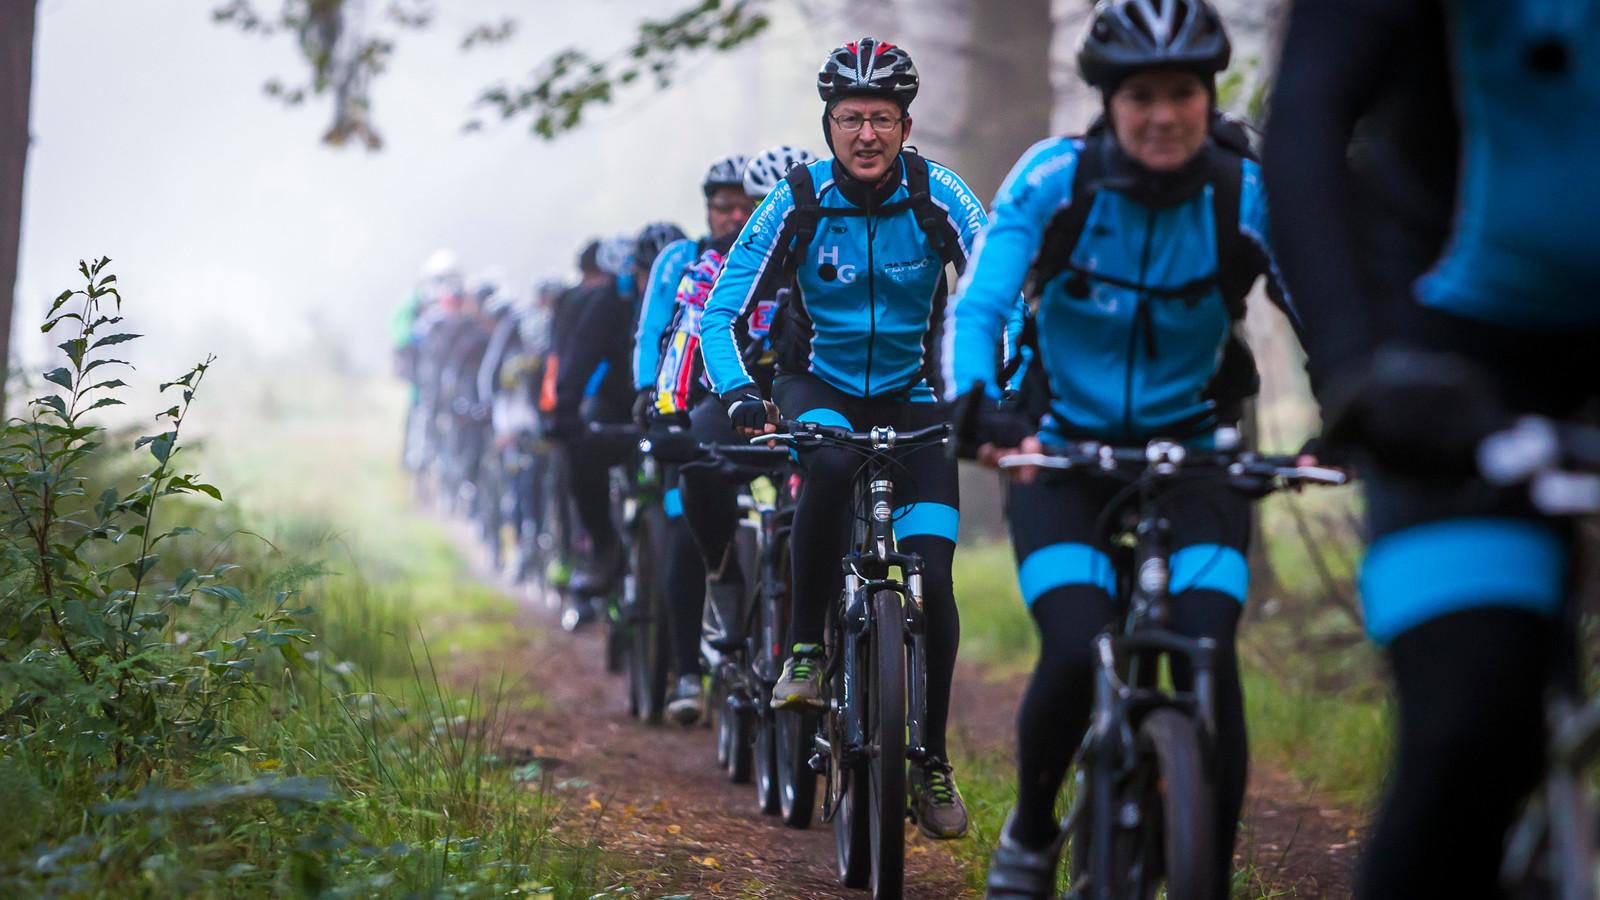 De ATB Toertocht van Zomerlust trekt jaarlijks meer dan duizend fietsers naar de bossen rond Wouwse Plantage.